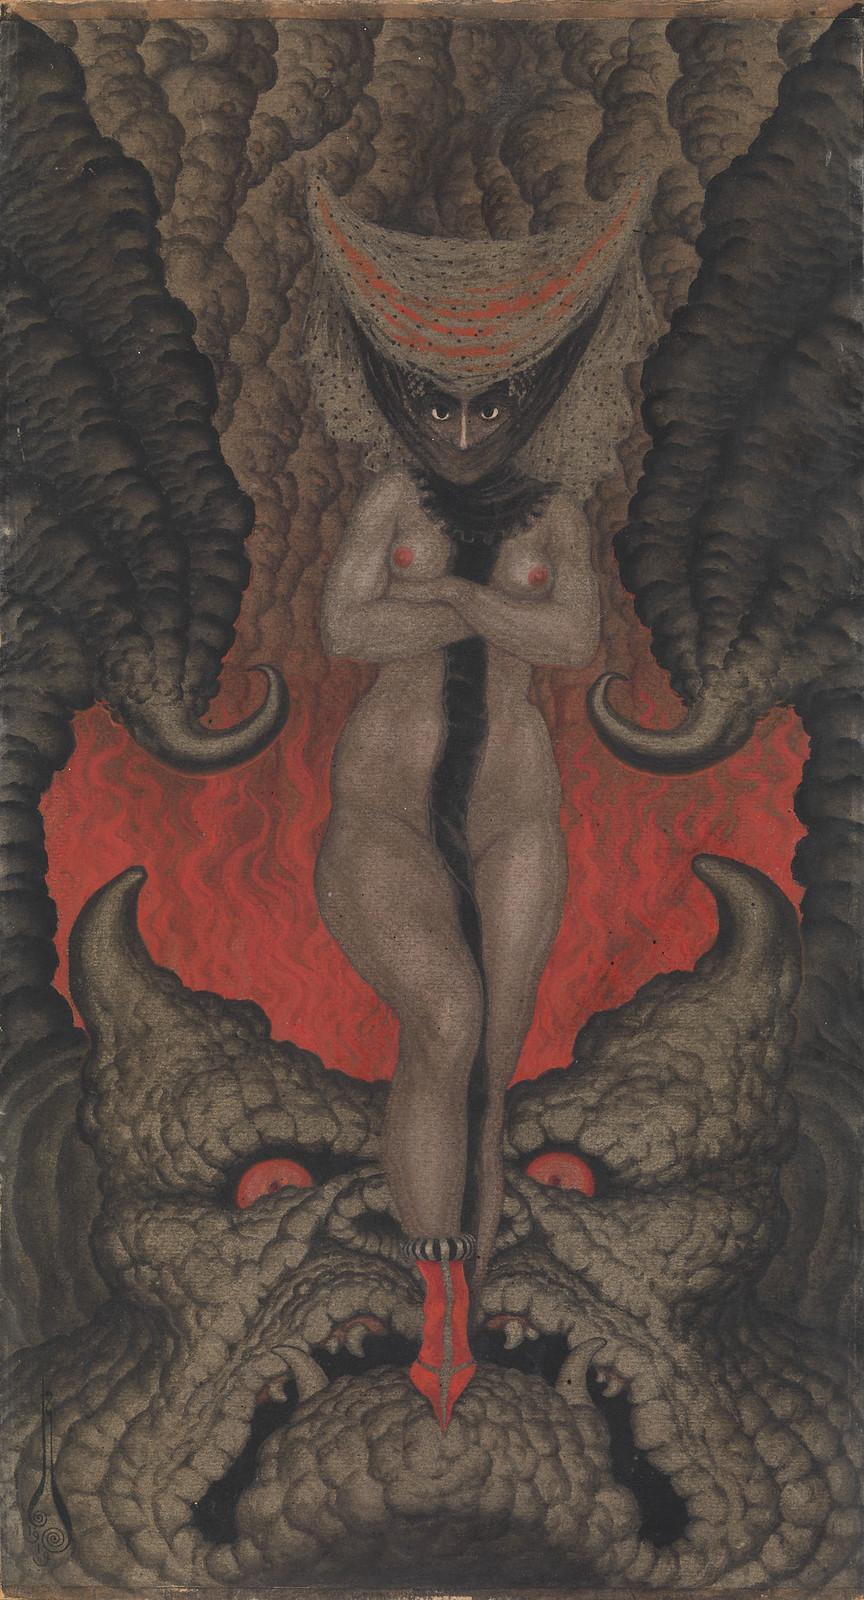 Nikolai Kalmakov - La Femme de Satan, 1919